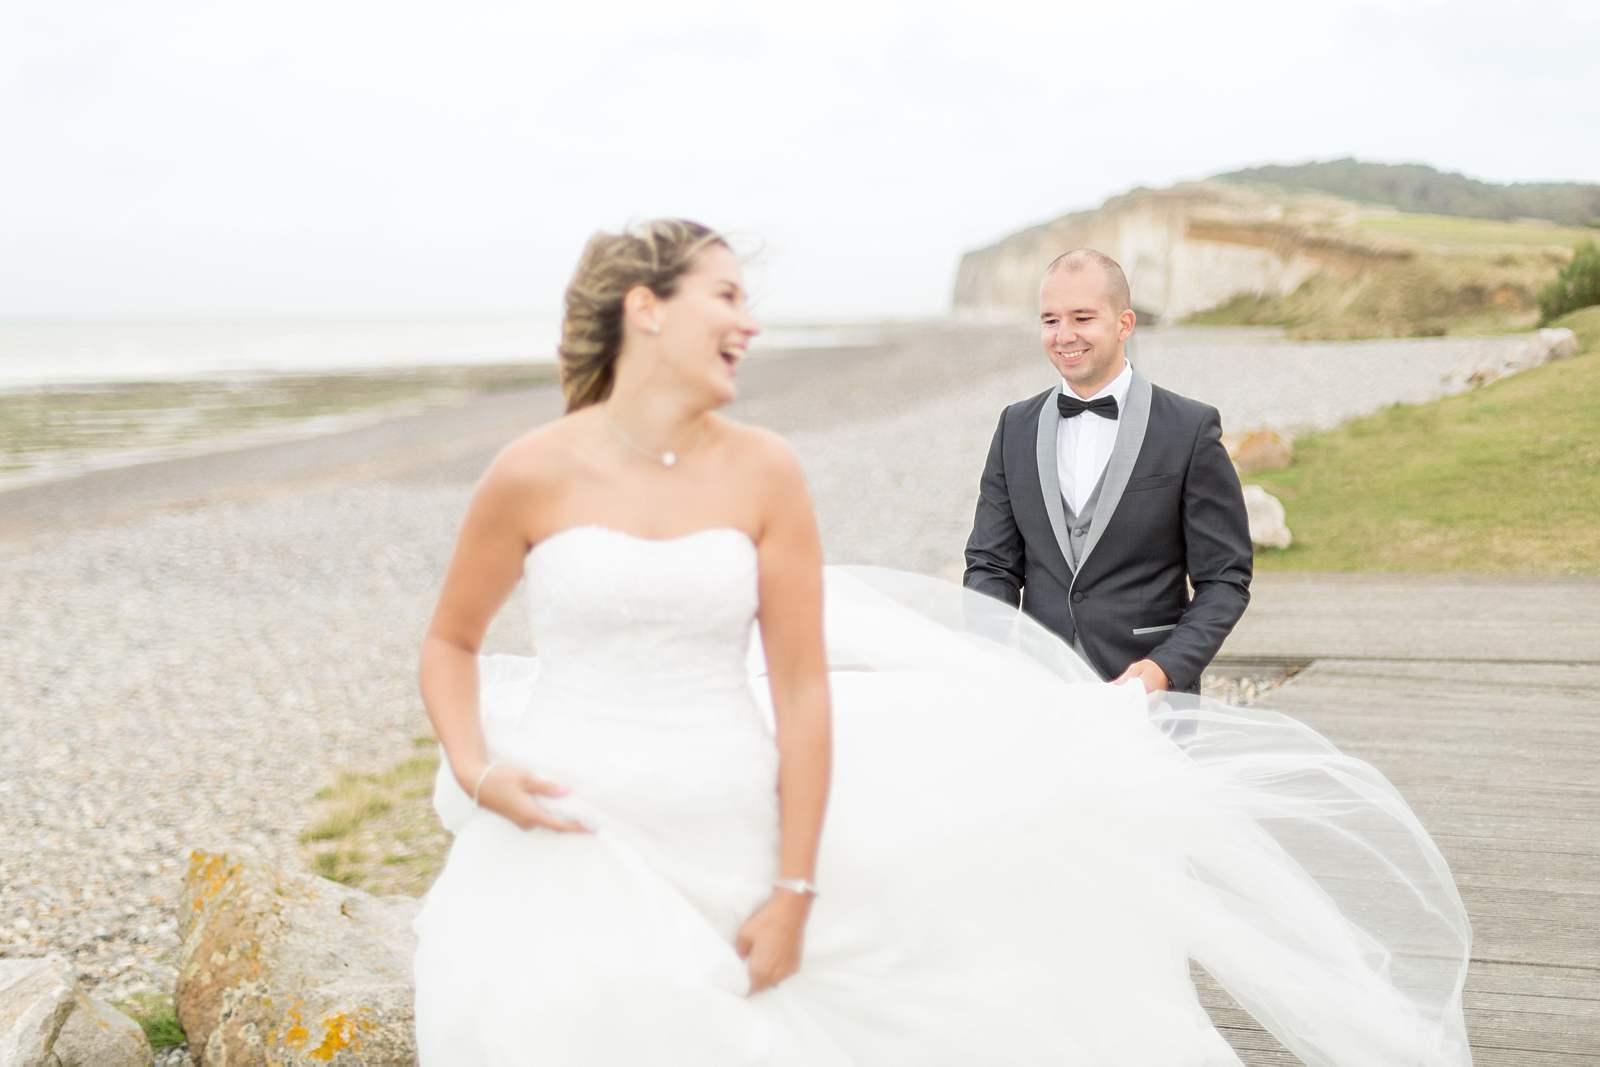 photographie de mariage sur la plage. rires de la mariée